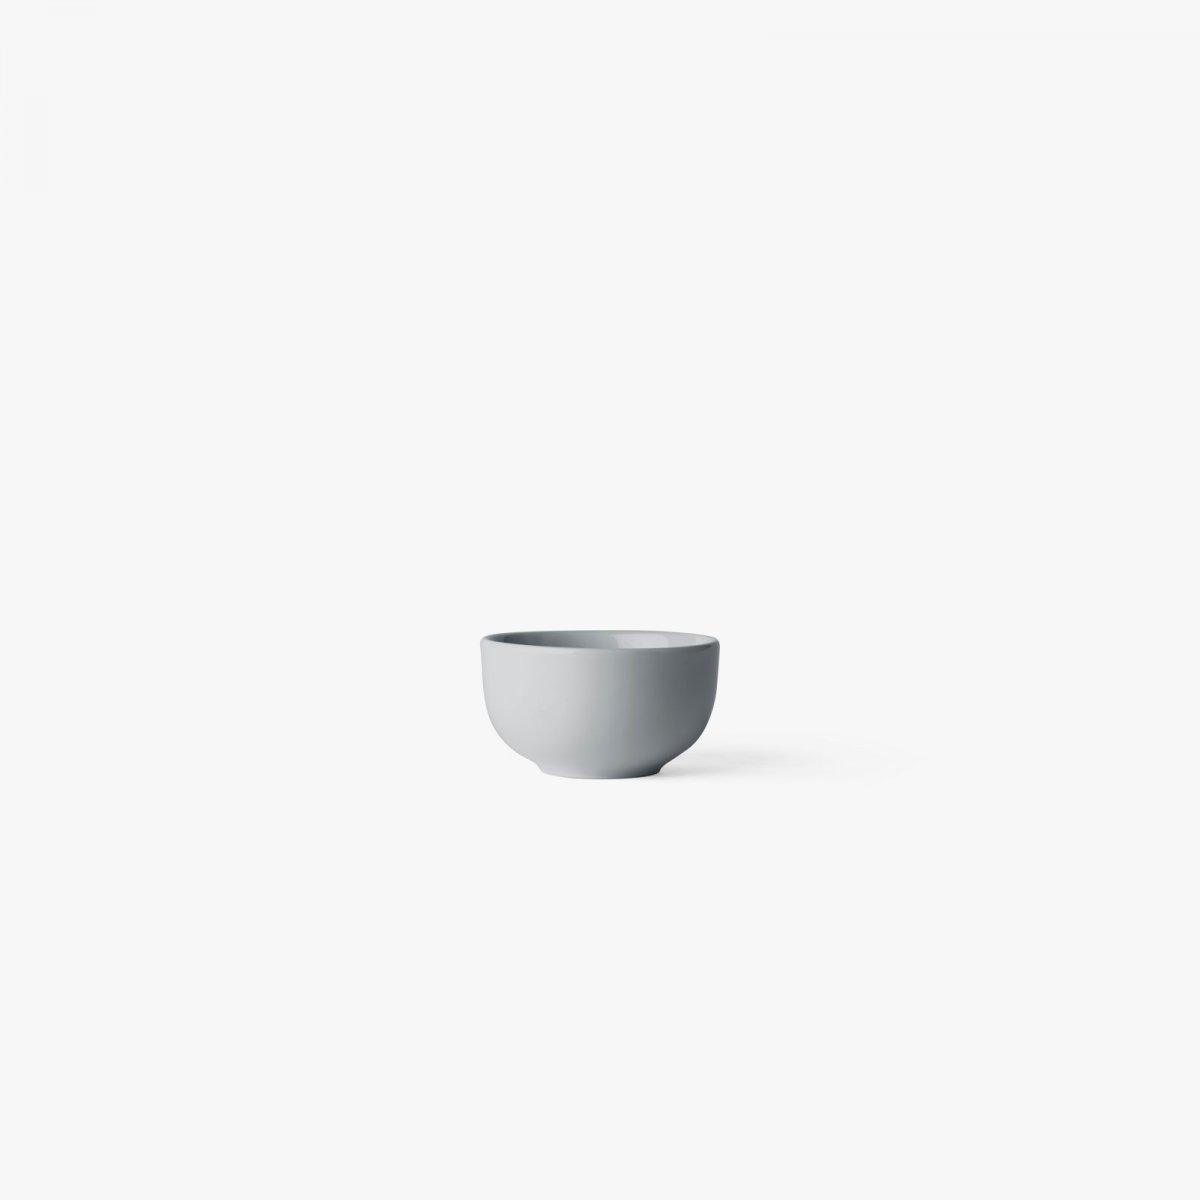 New Norm Bowl, Ø 7.5 cm, ocean.